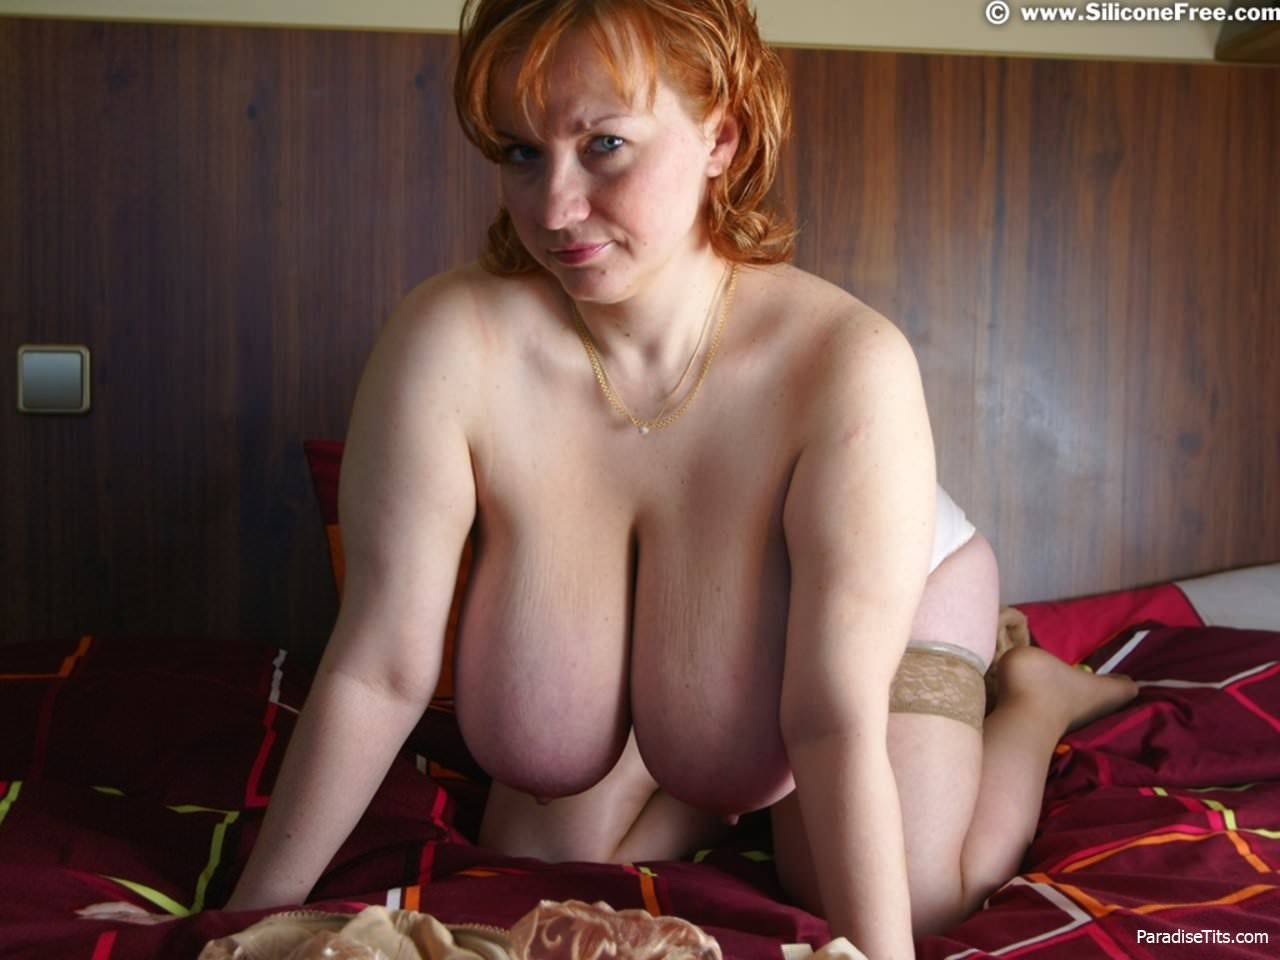 Фото зрелые с большими титьками, Зрелые женщины с большой грудью частное порно 10 фотография